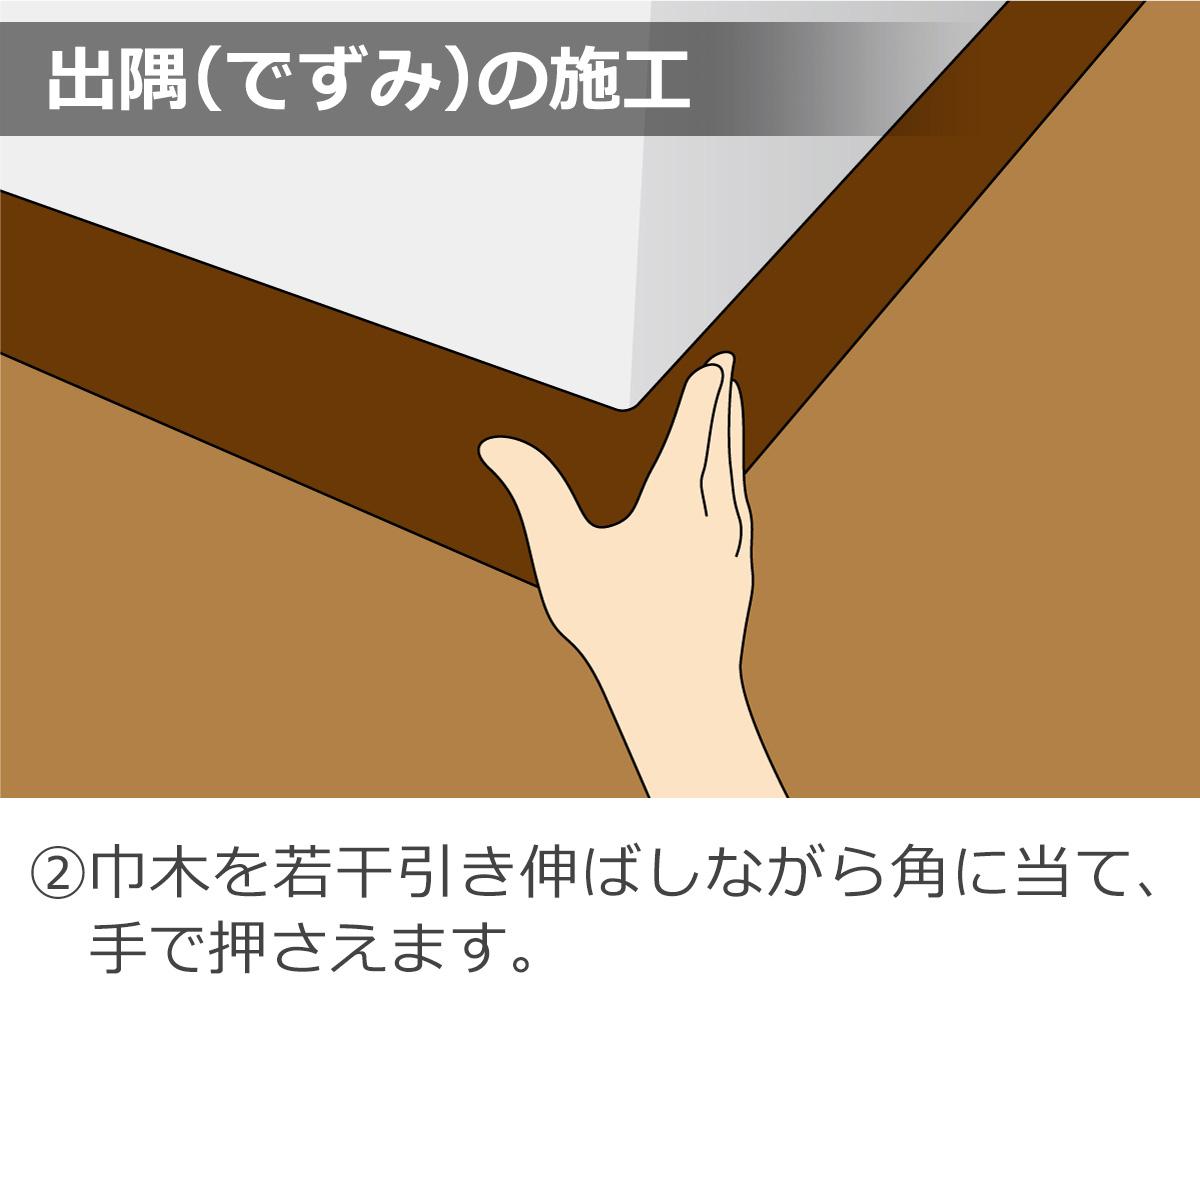 出隅の施工 巾木を若干引き伸ばしながら角に当て、手で押さえます